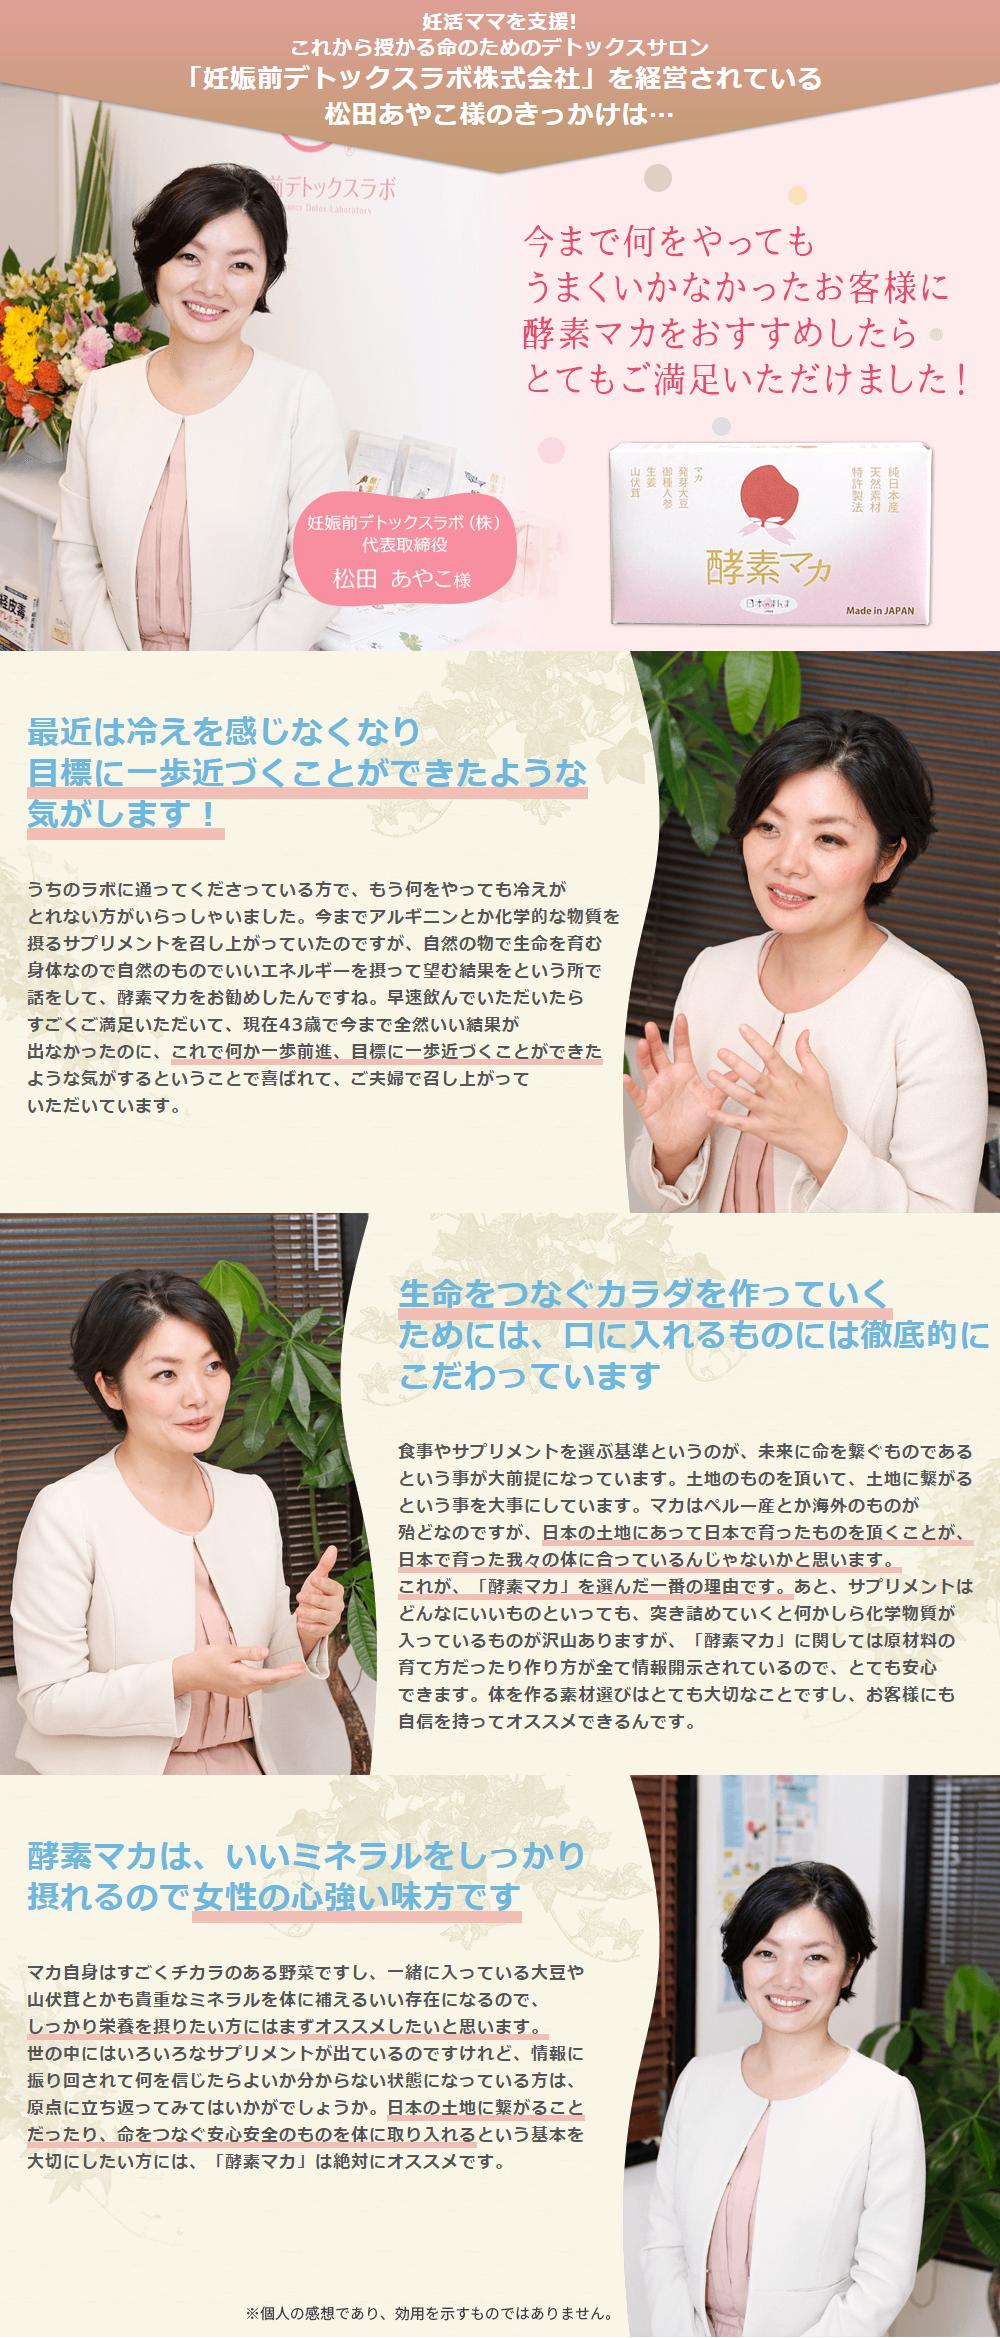 ママ活・妊活サプリ【酵素マカ】の効果と実績について